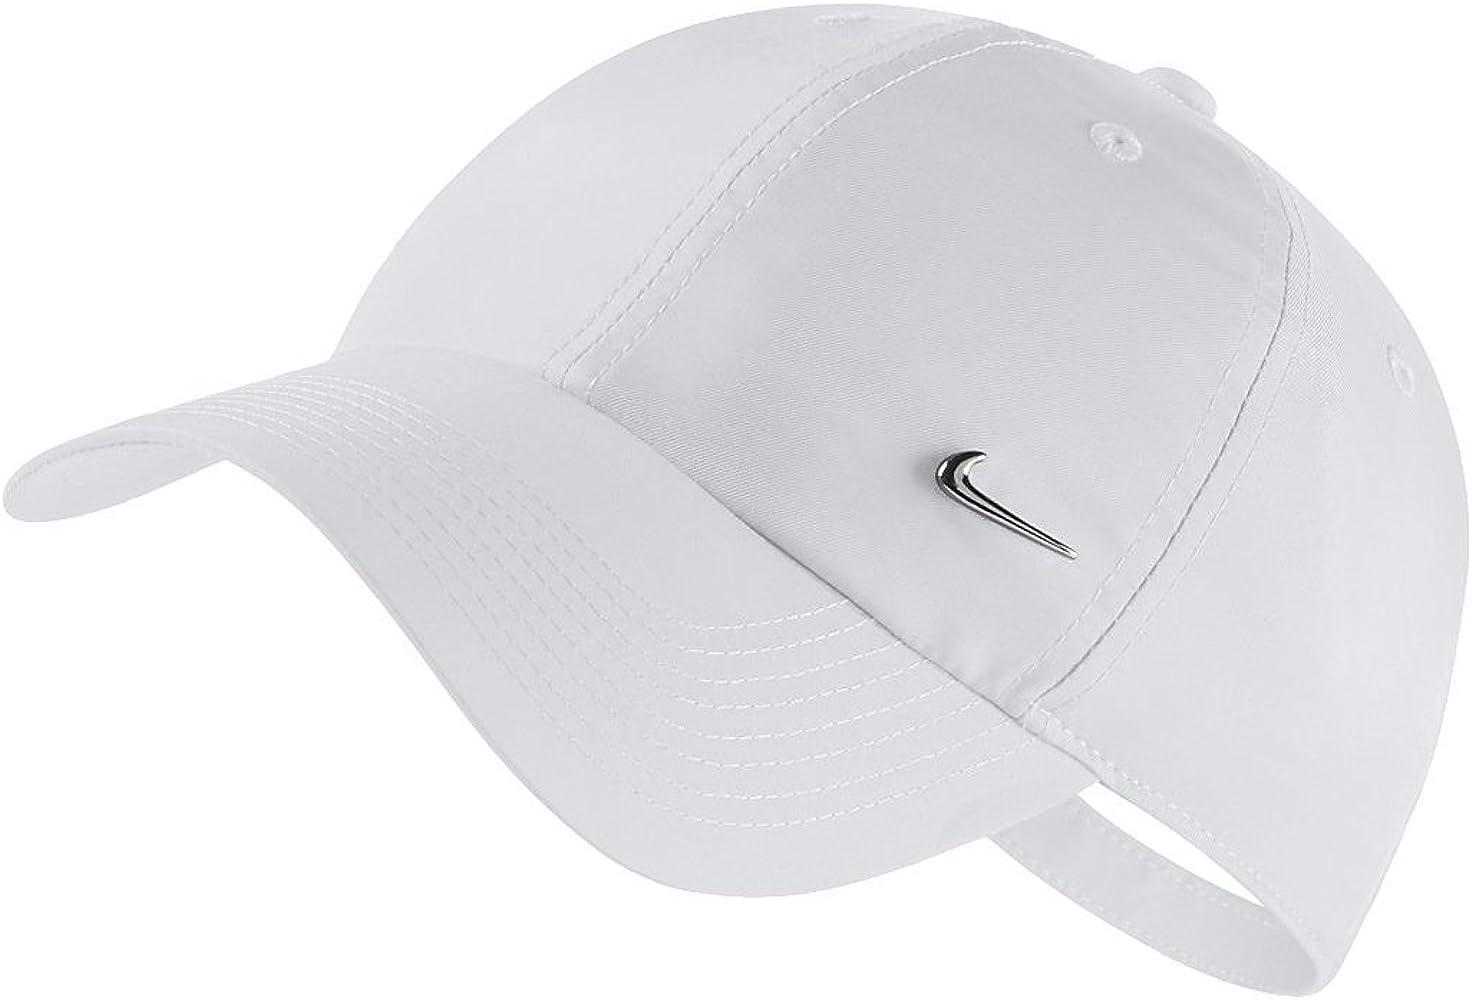 Nike 943092-100 Casquette Mixte Adulte, Blanc/Argent ...